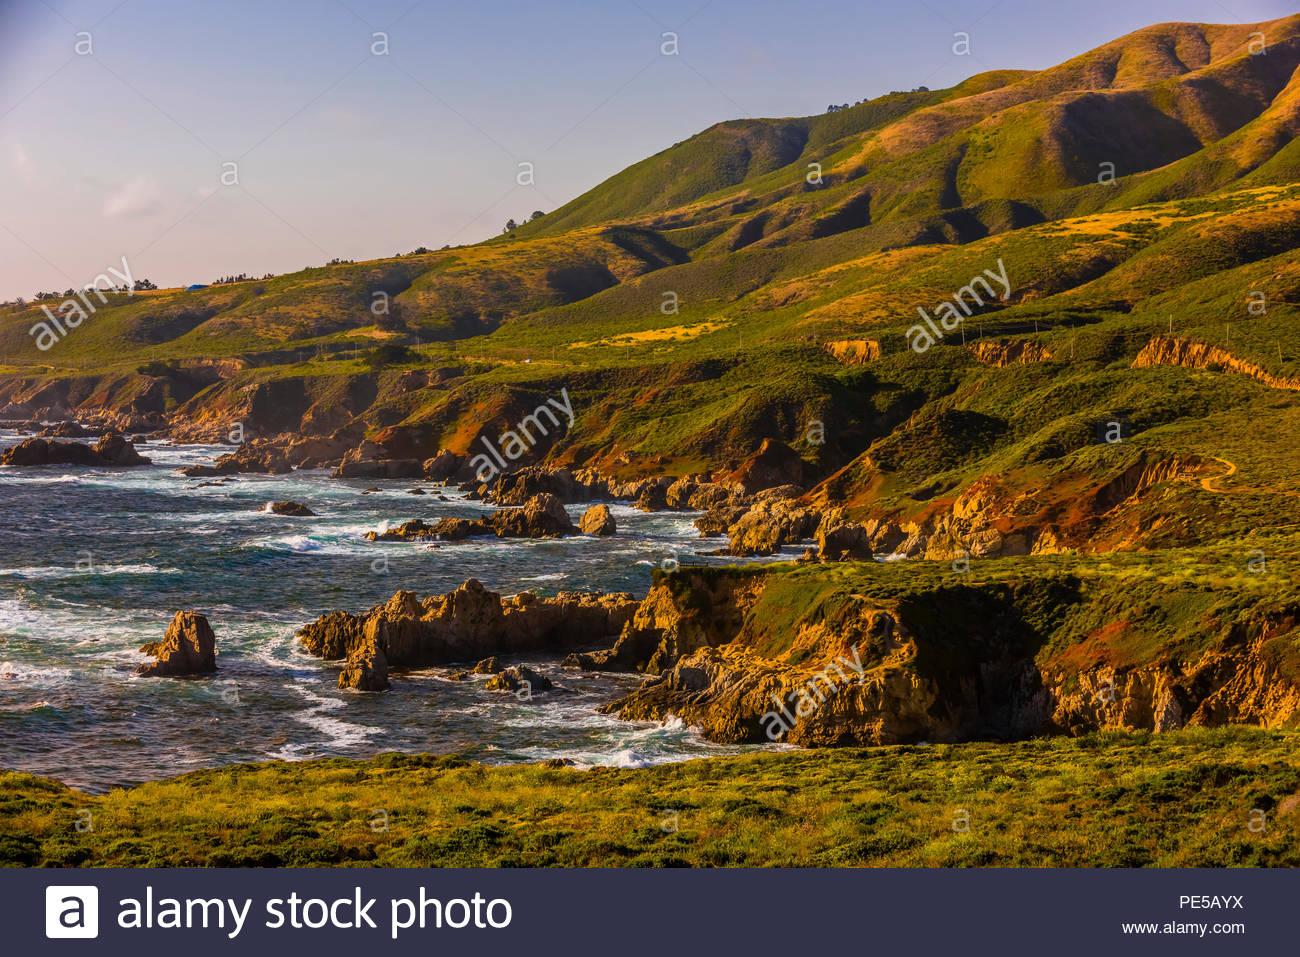 La escarpada costa de Big Sur, junto a la autopista 1, entre Carmel Highlands y Big Sur, el Condado de Monterey, California, USA. Imagen De Stock